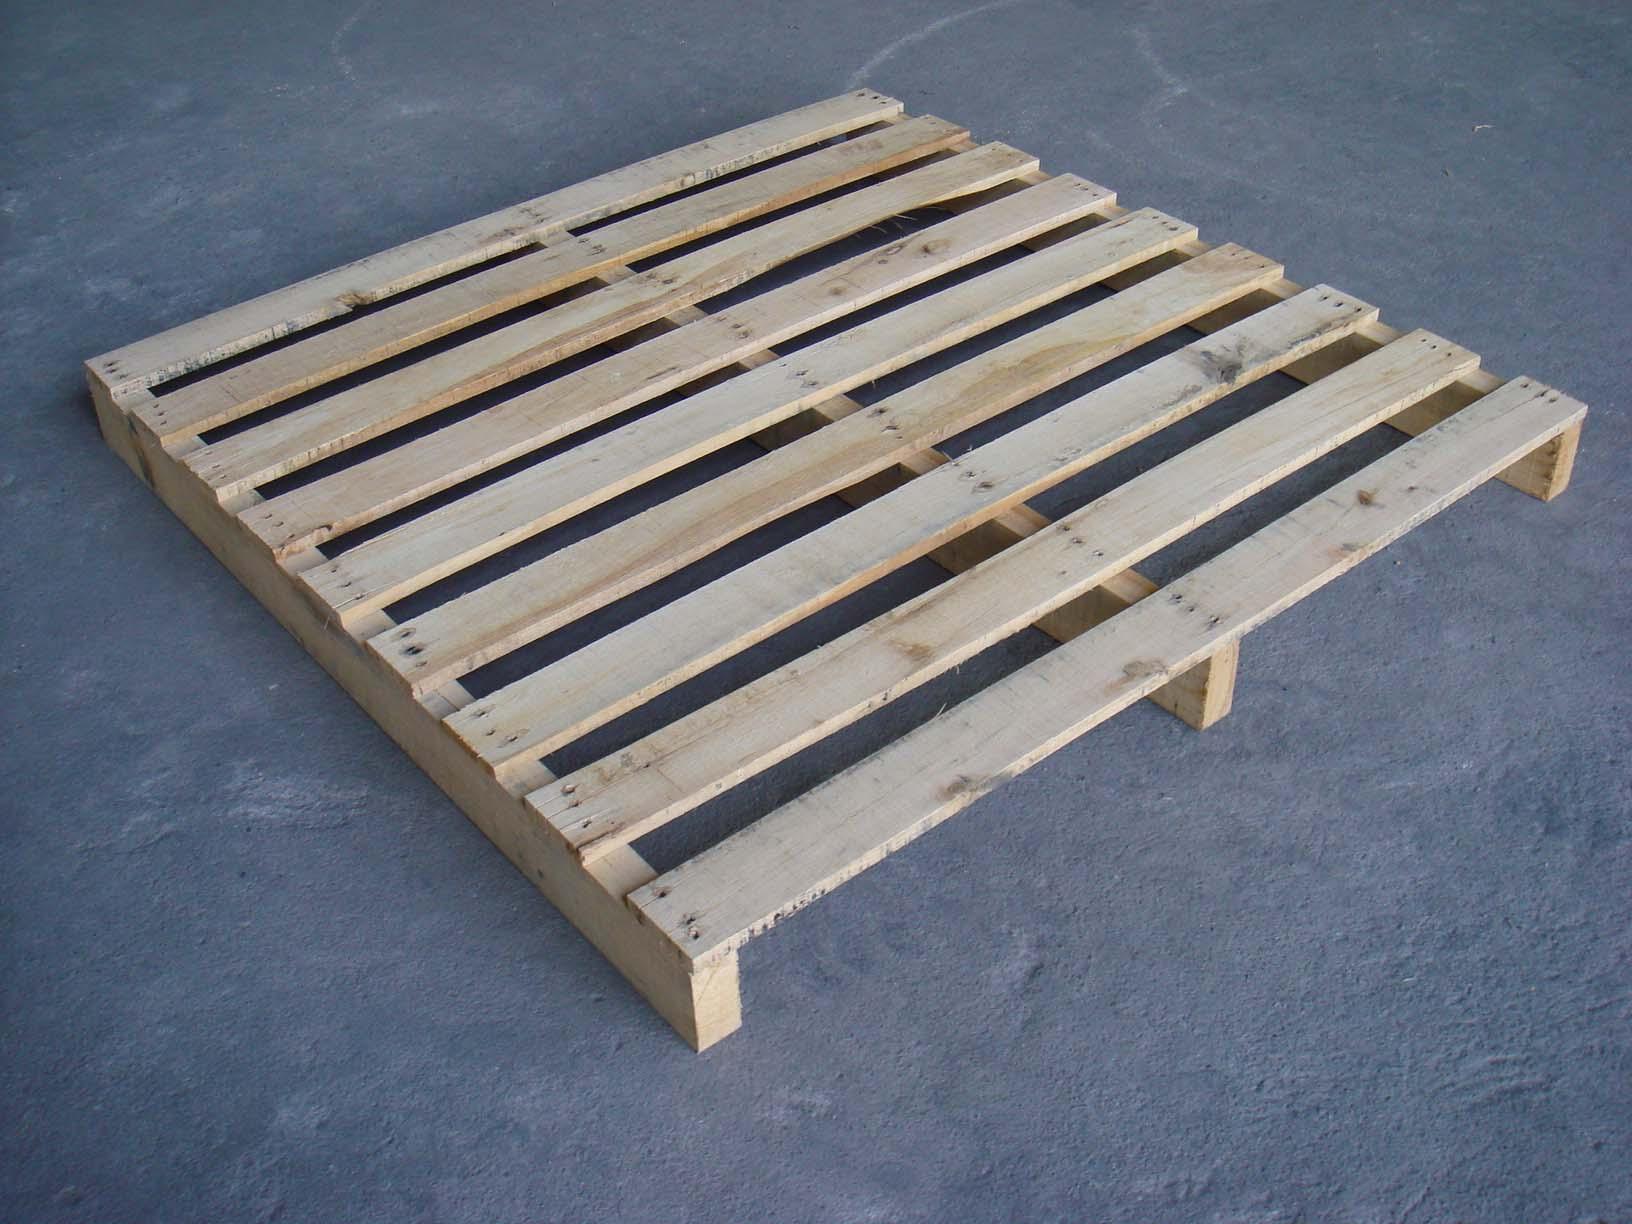 厦门木质托盘厂-厦门木托盘加工厂家-厦门木托盘生产厂家